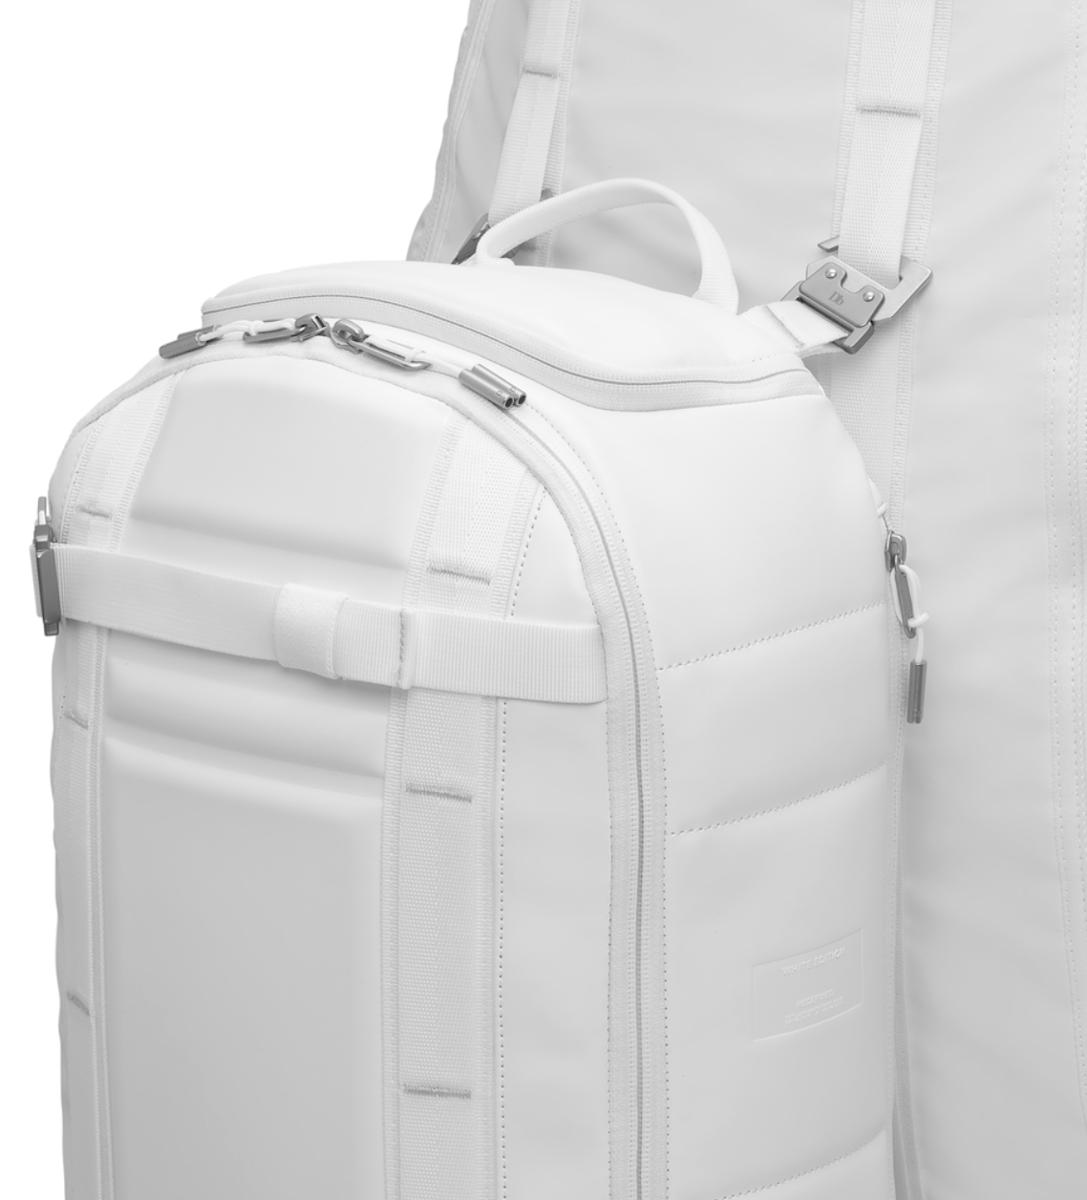 Bilde av Douchbags The Backpack 233U02